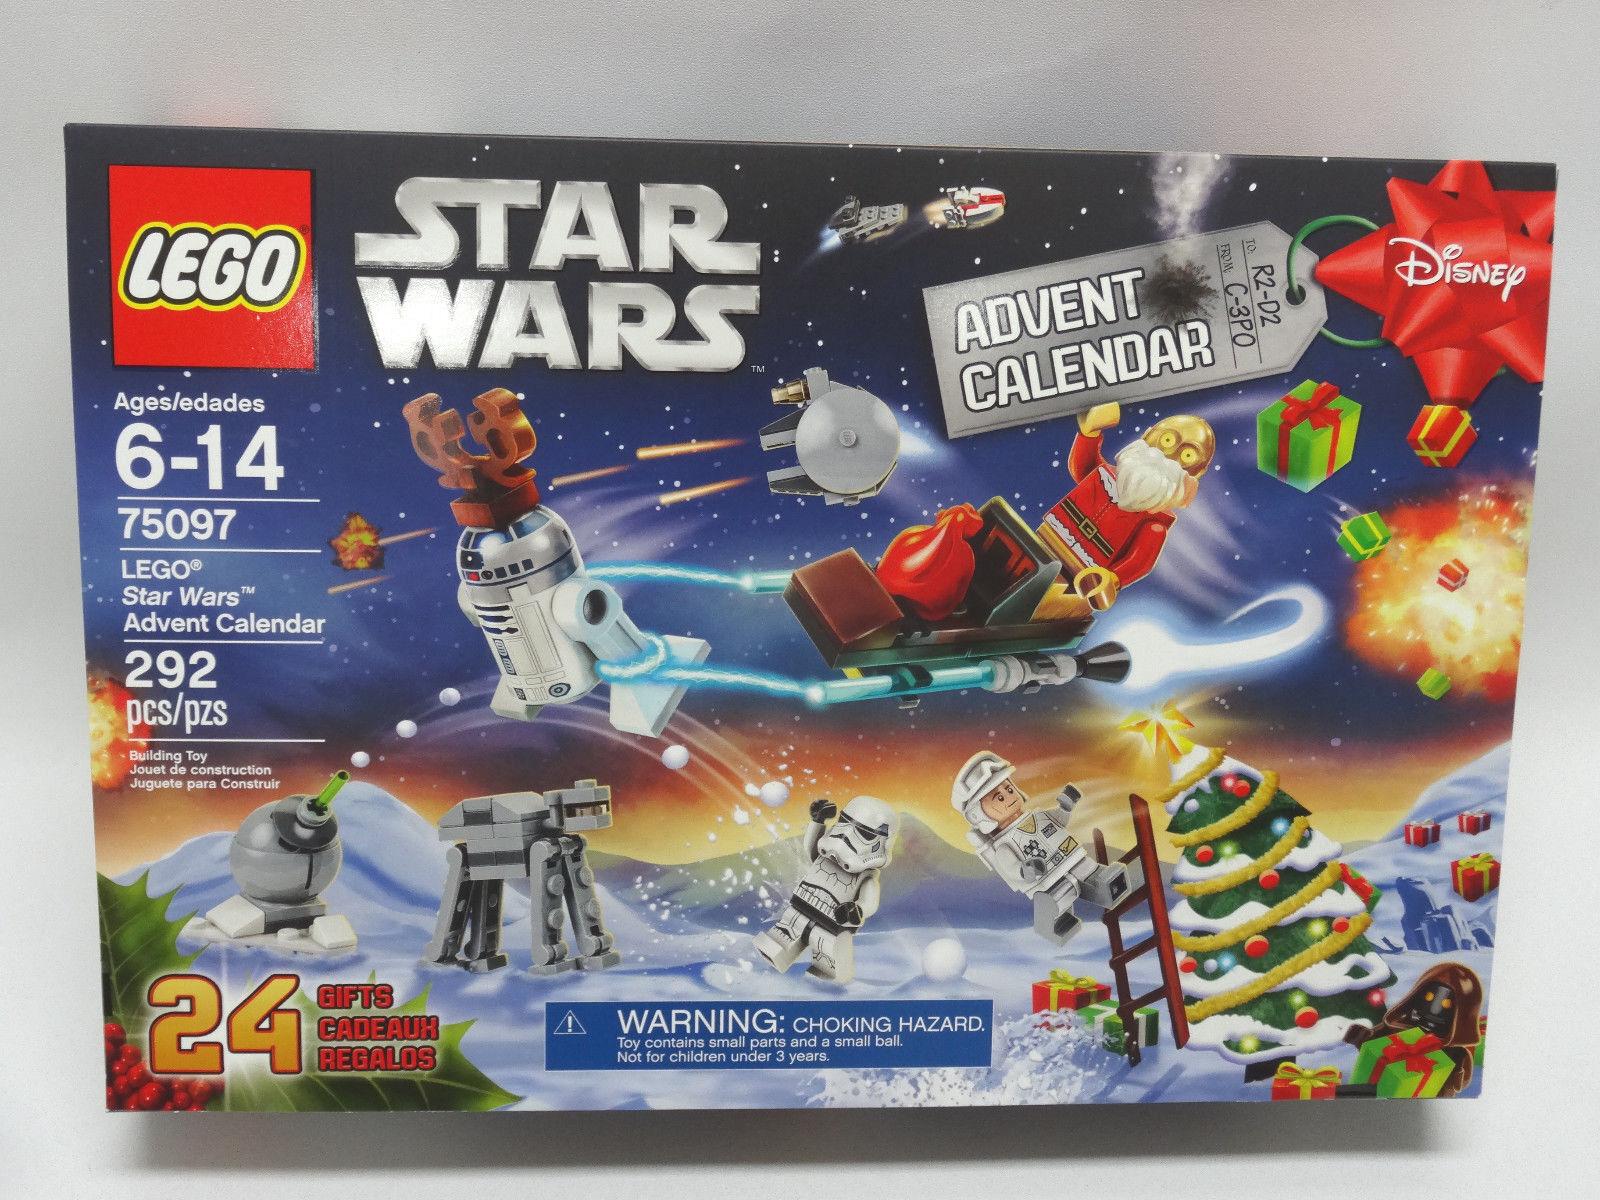 LEGO estrella guerras ADVENT CALENDAR -  2015 - nuovo IN scatola - LIMITED edizione  best-seller